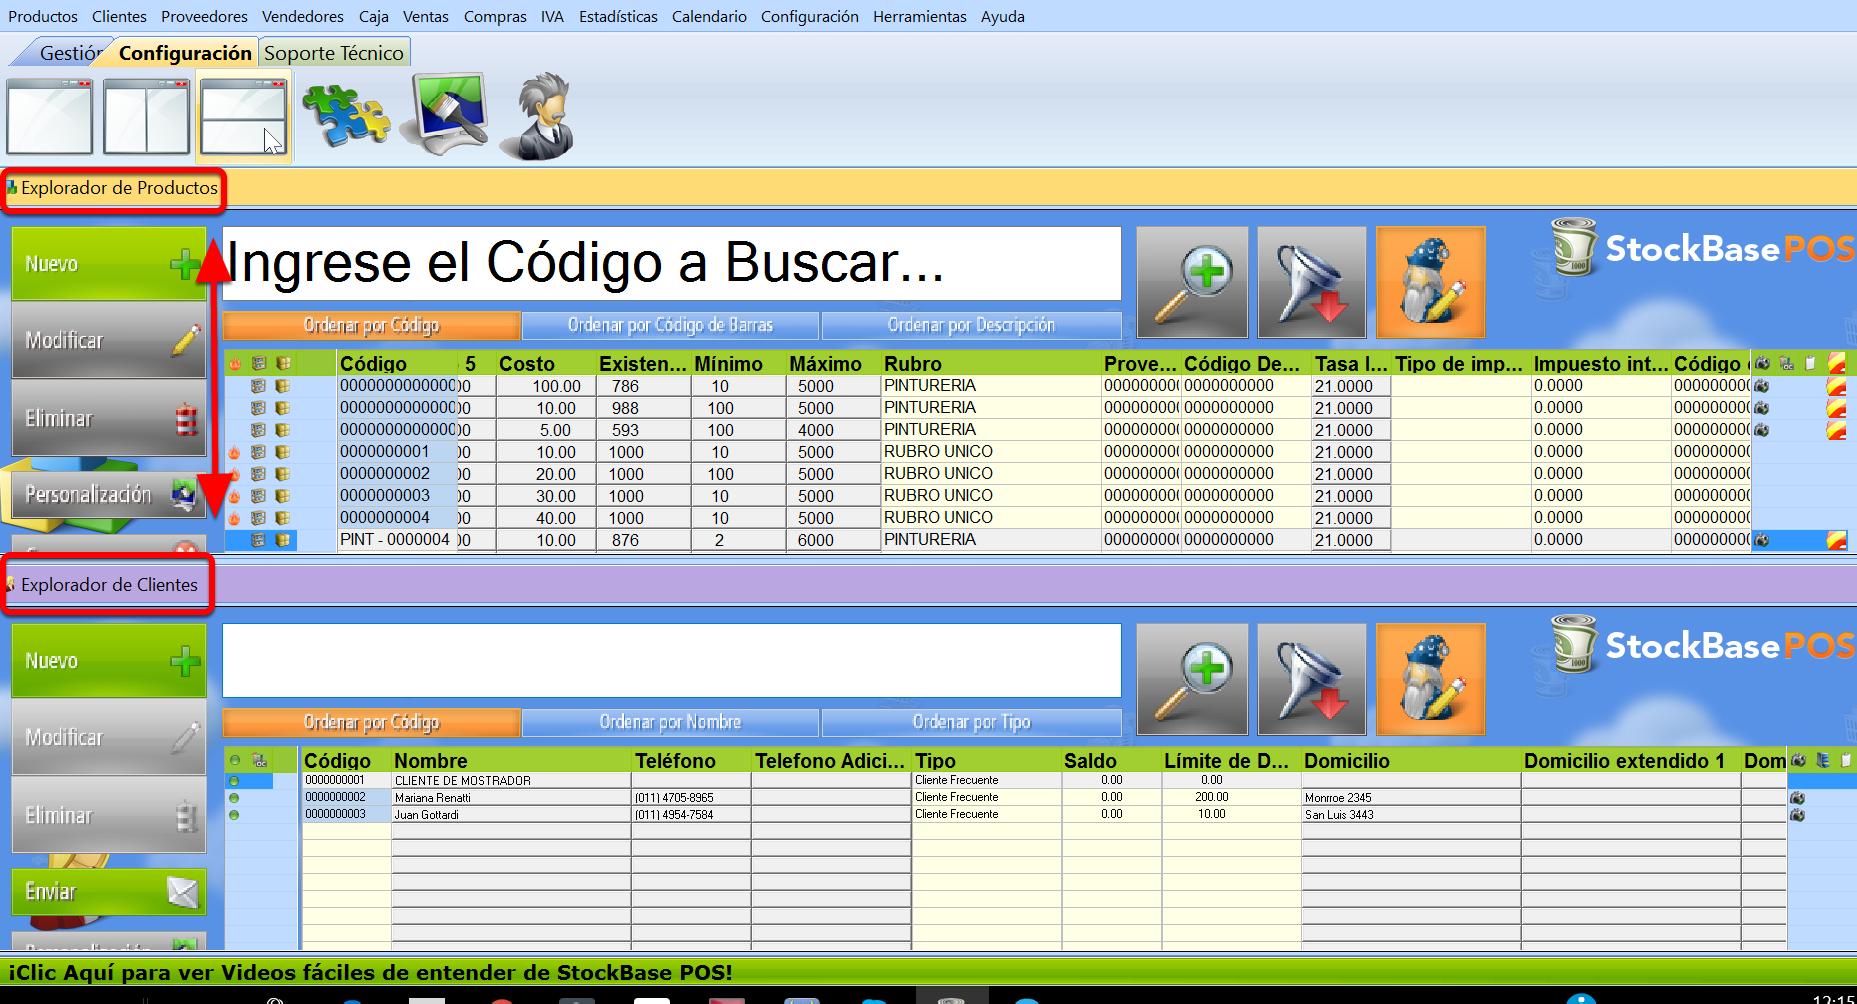 Vista en simult谩neo de varios exploradores horizontales en sistema de gestion Stockbase